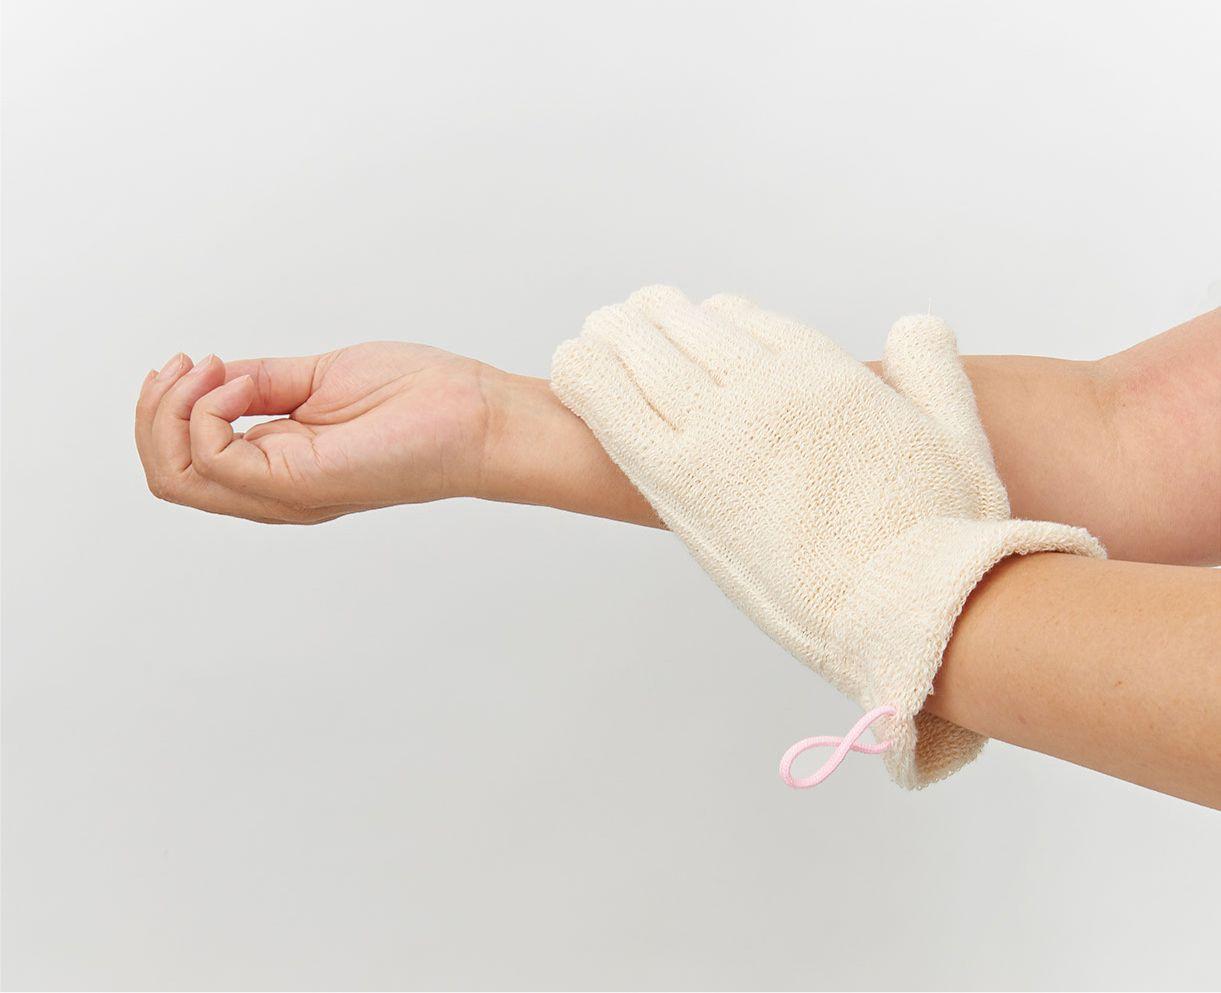 【新発売】浴用ボディーウォッシュ手袋(1双 )